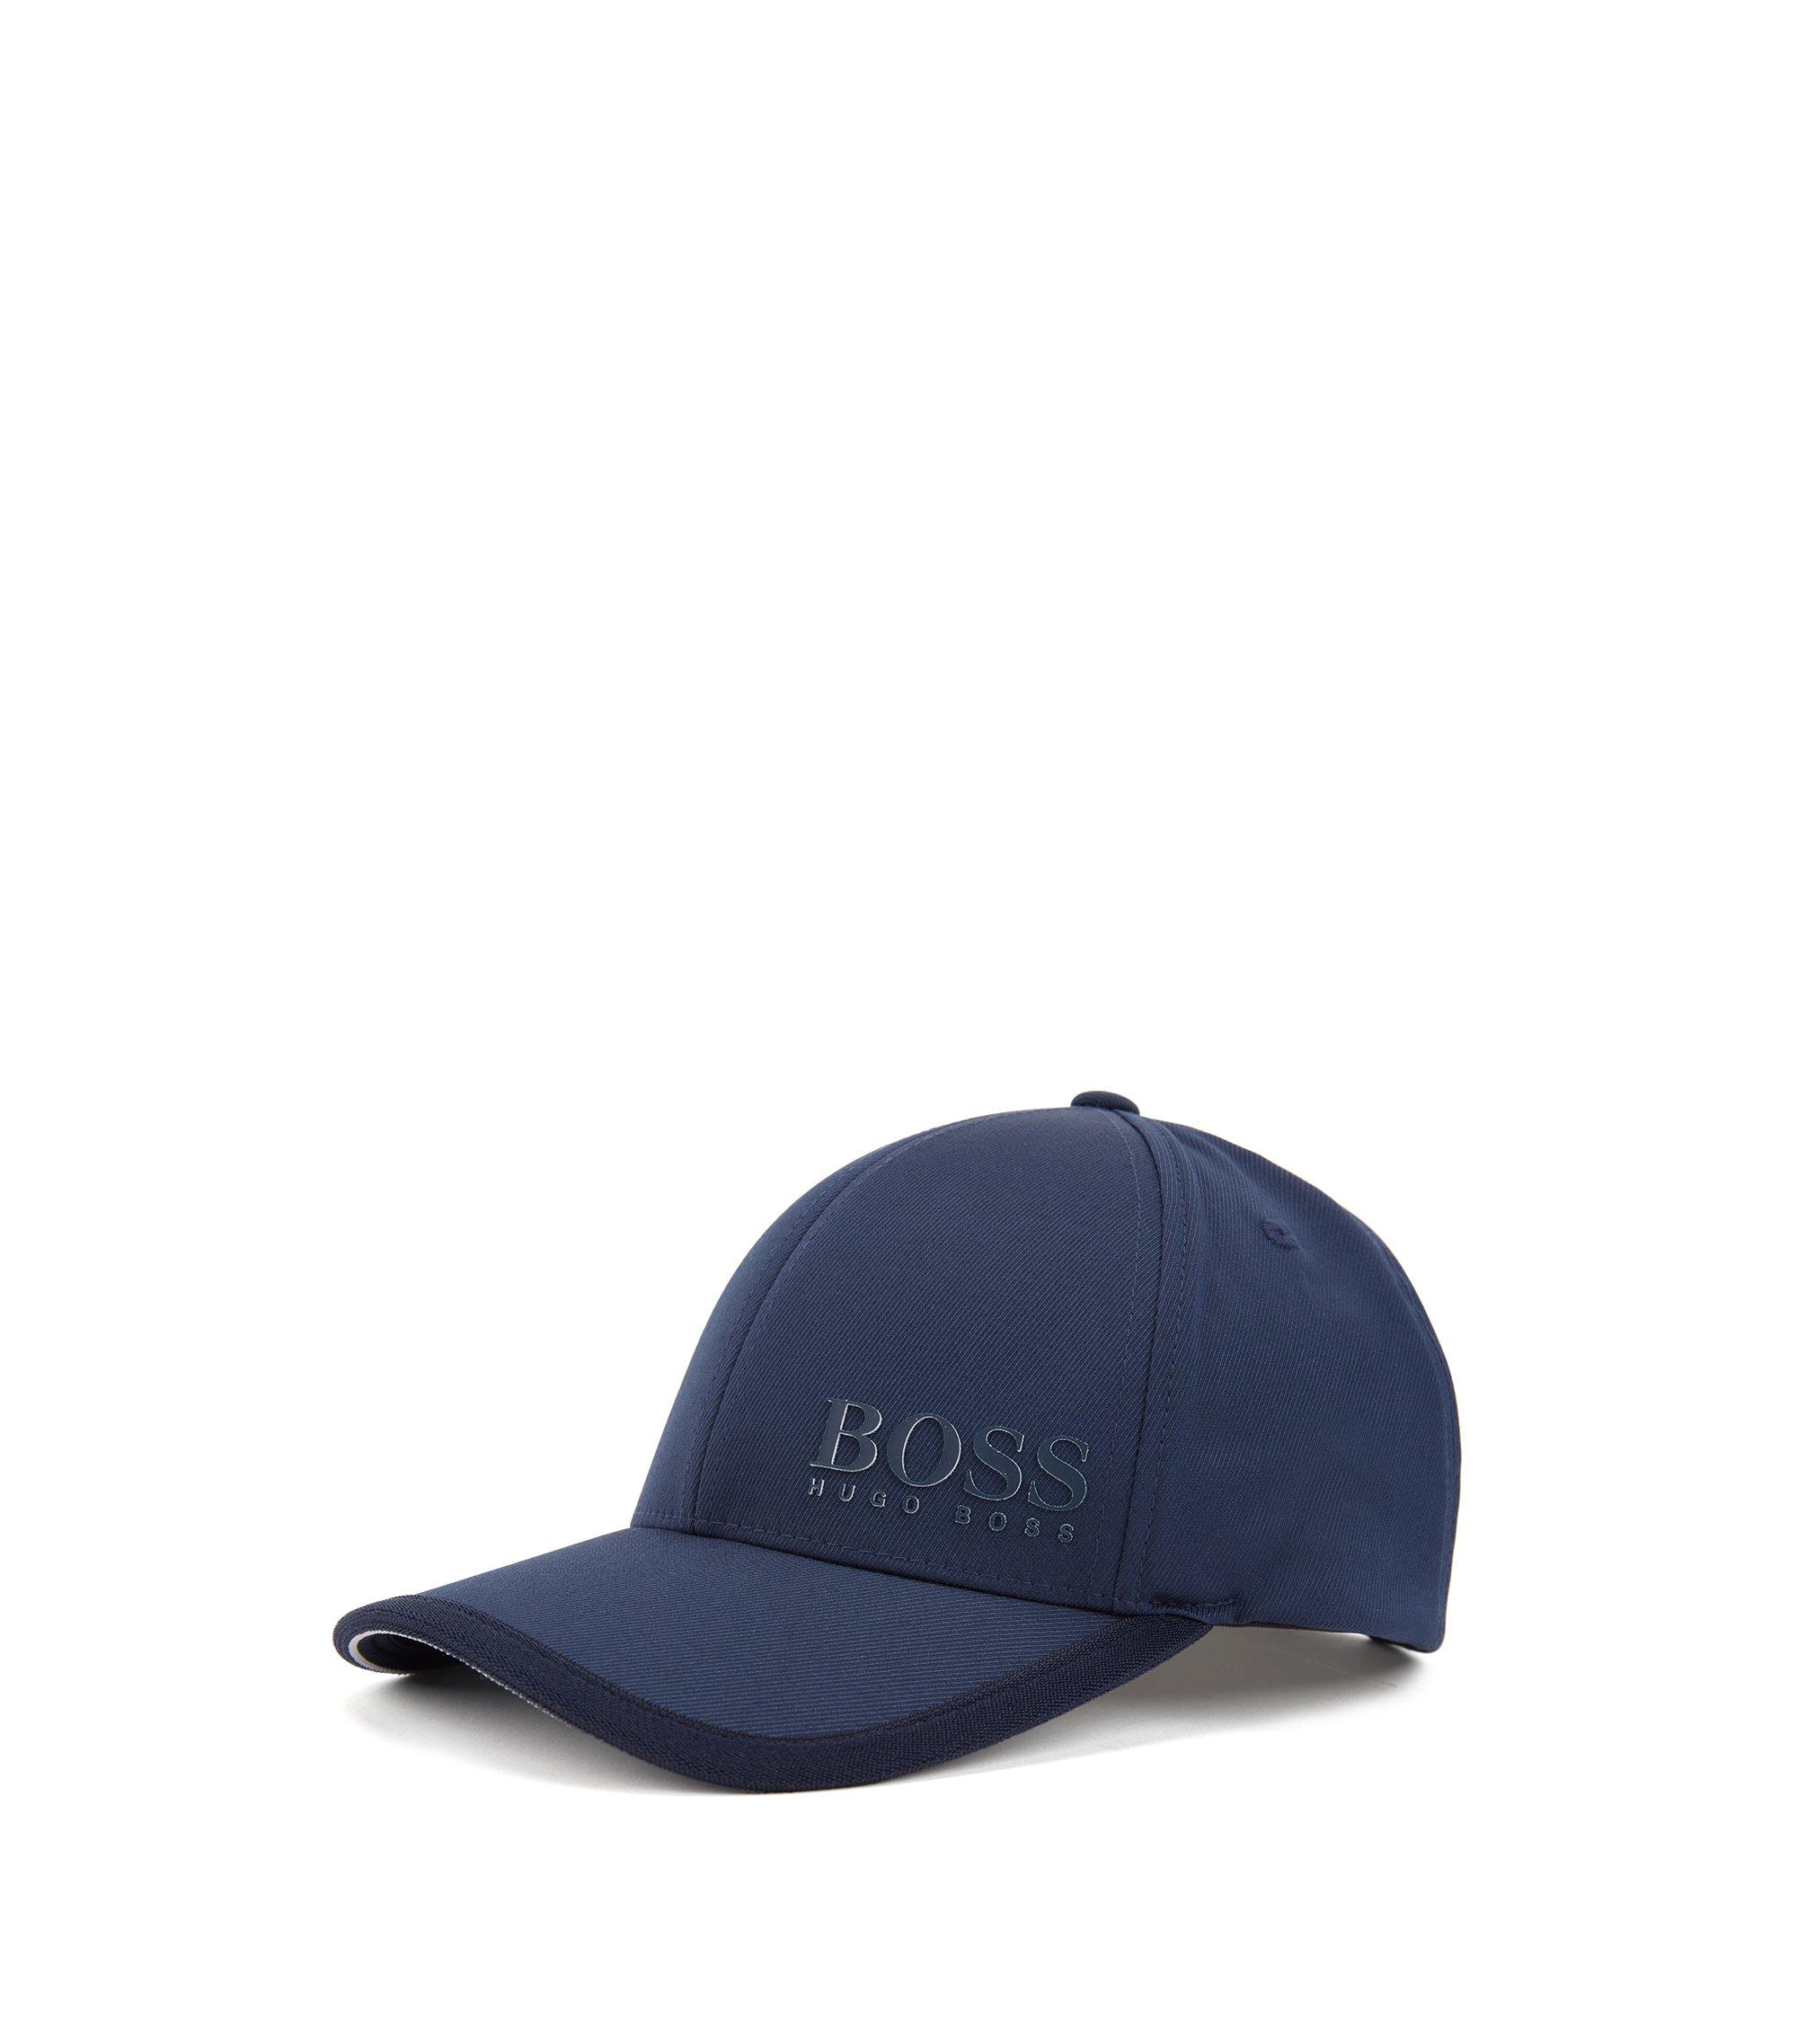 Cappellino in twill tecnico elasticizzato con logo 3D , Blu scuro